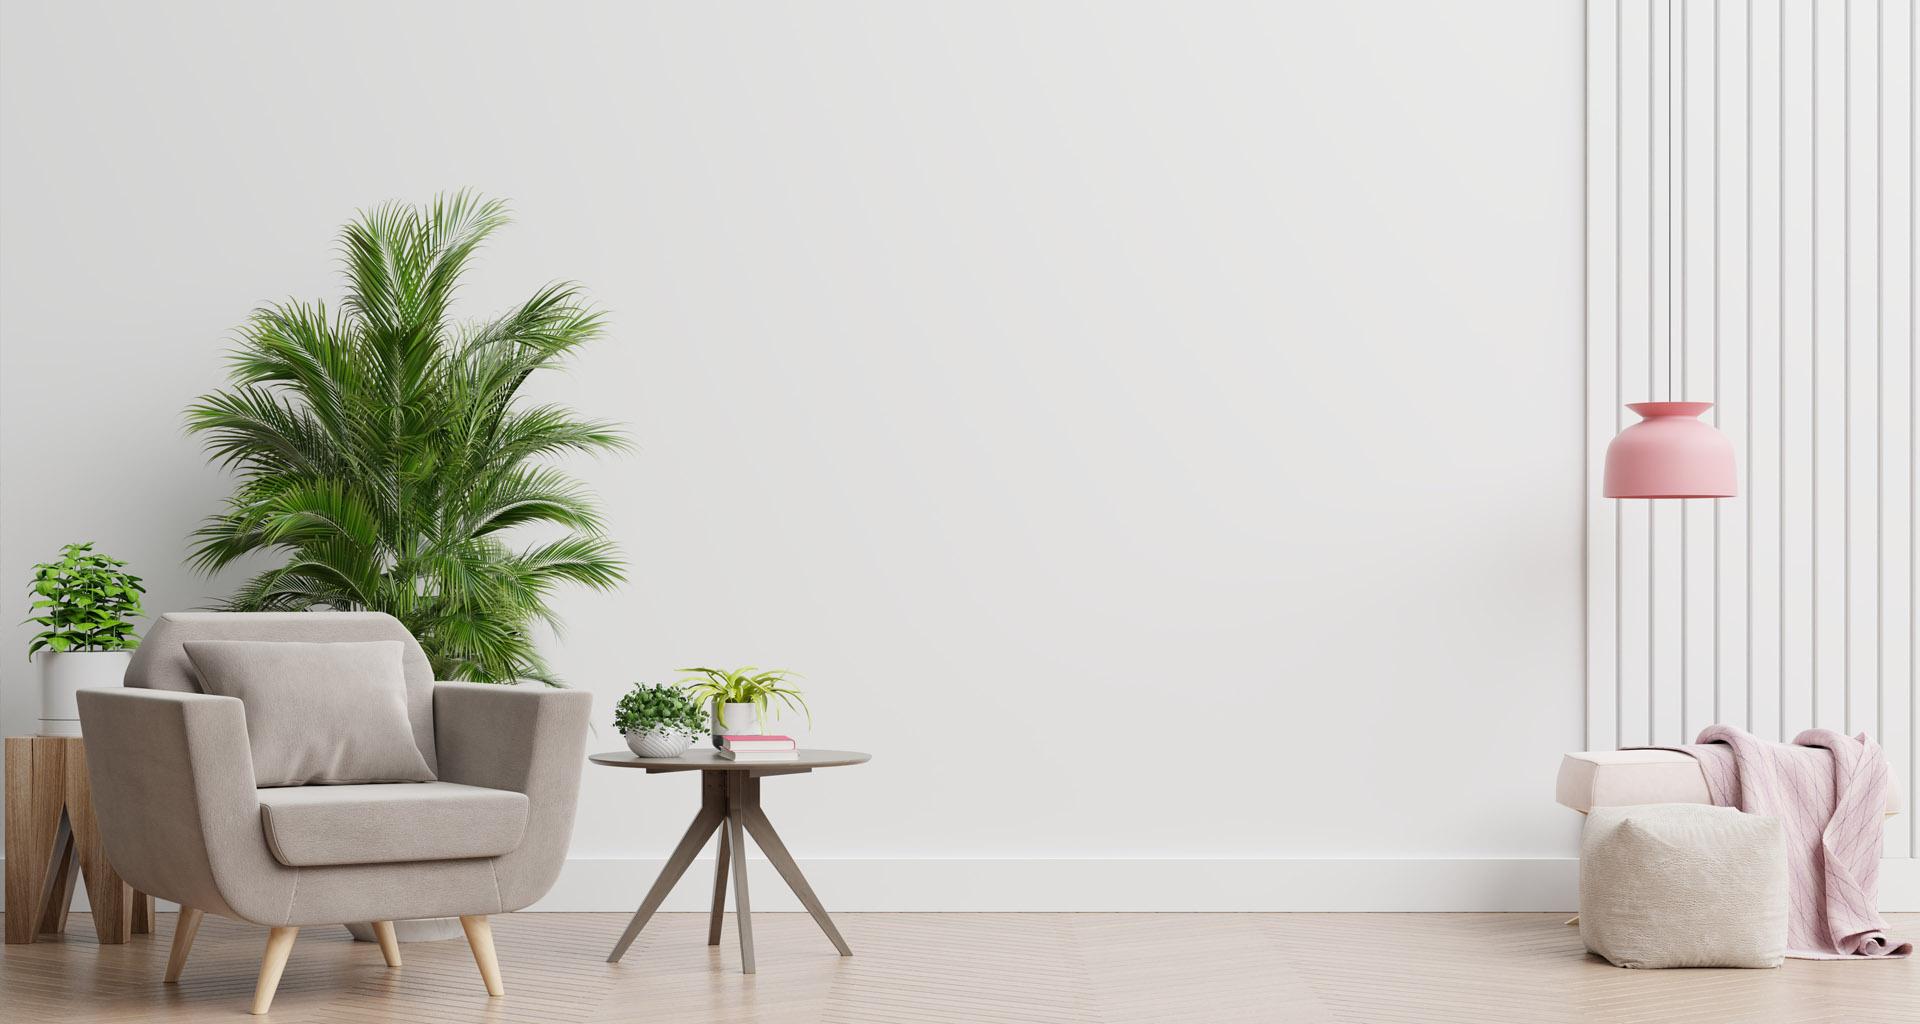 apartmentsberlin-real-esta-lundpartner